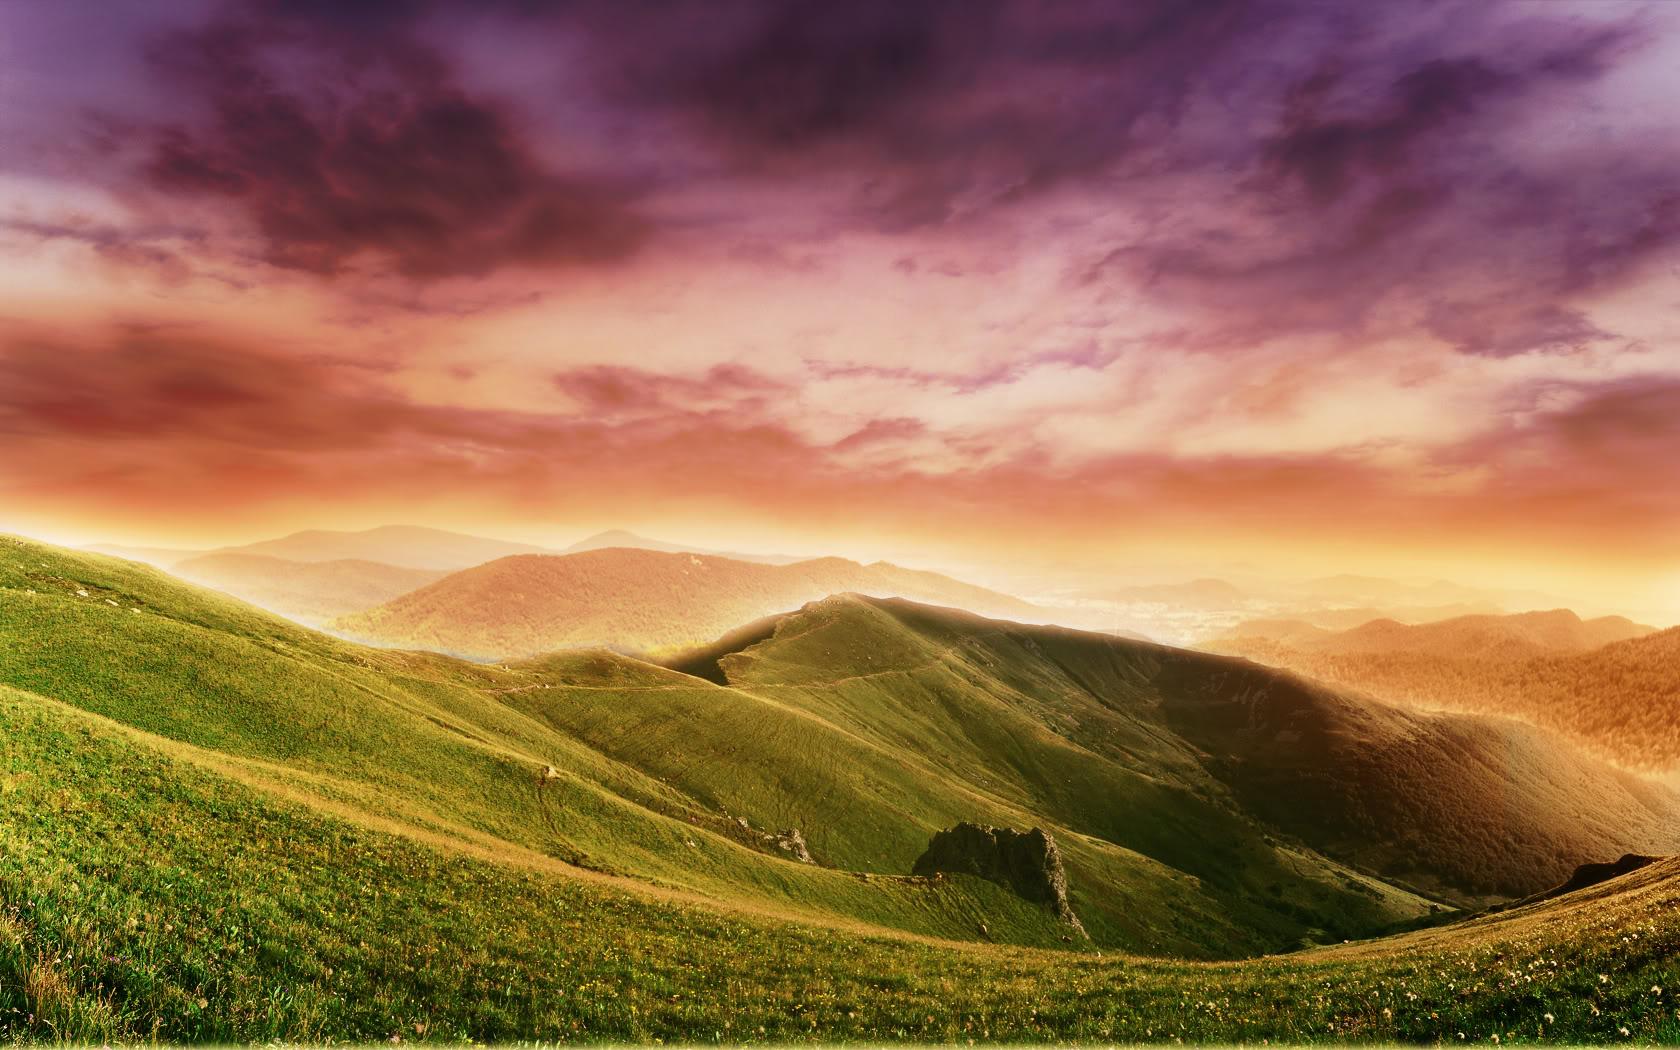 صور طبيعية خلابة خلفية صورة الوان الطيف - colorful wallpaper nature